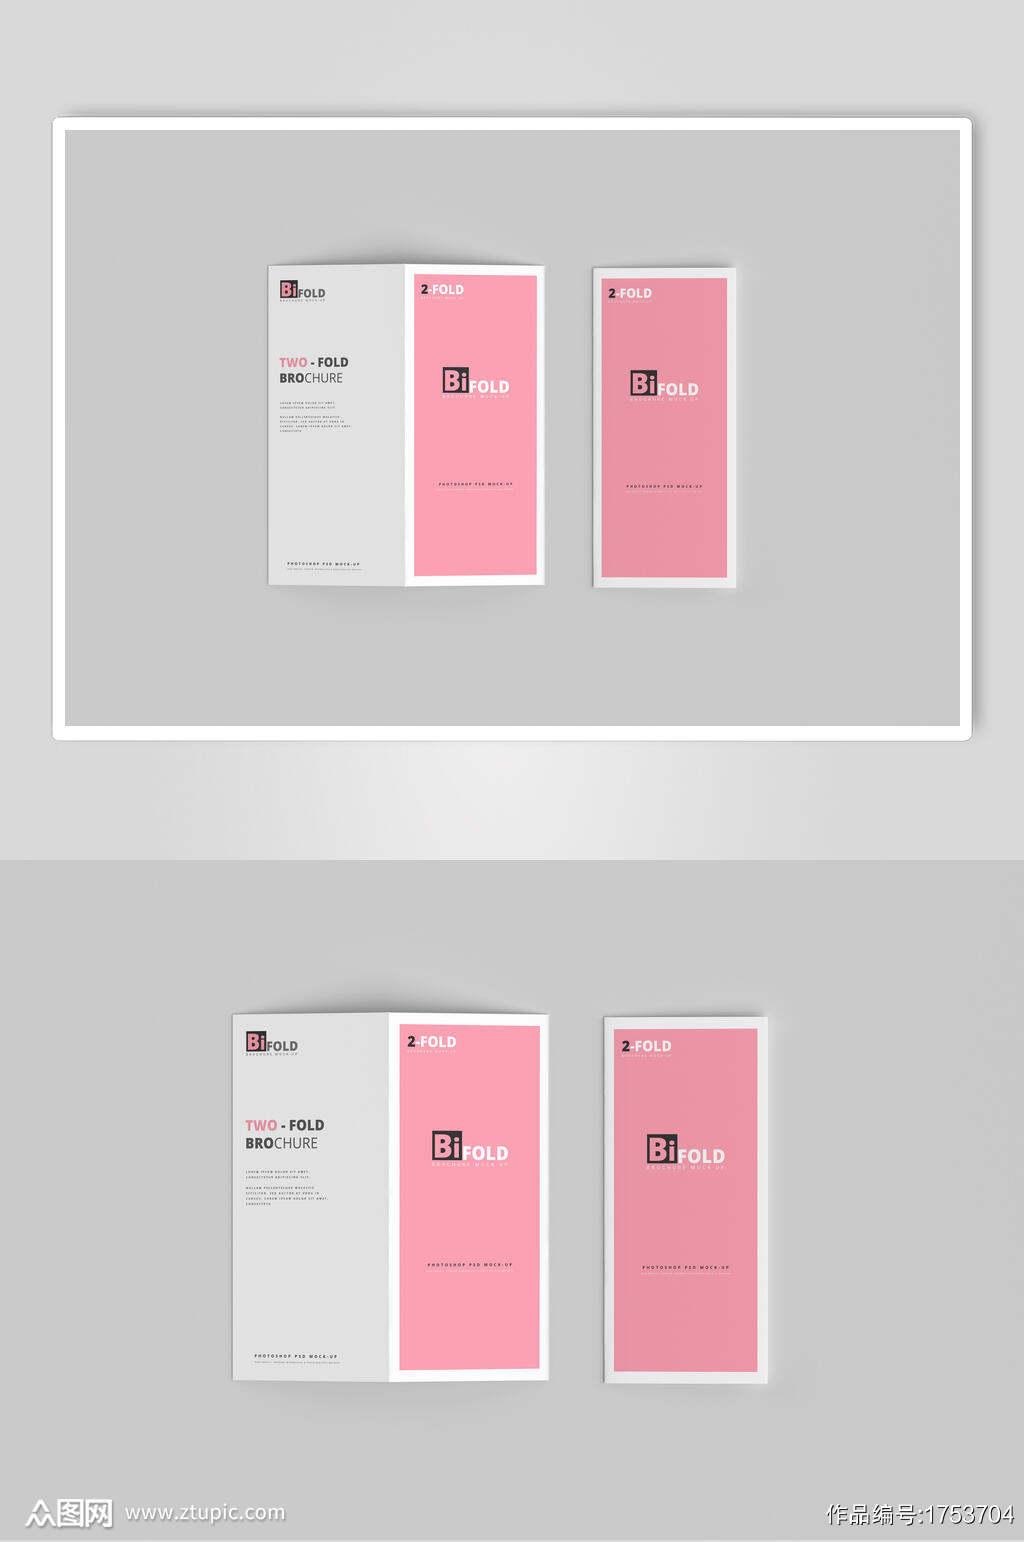 粉色三折页样机效果图素材